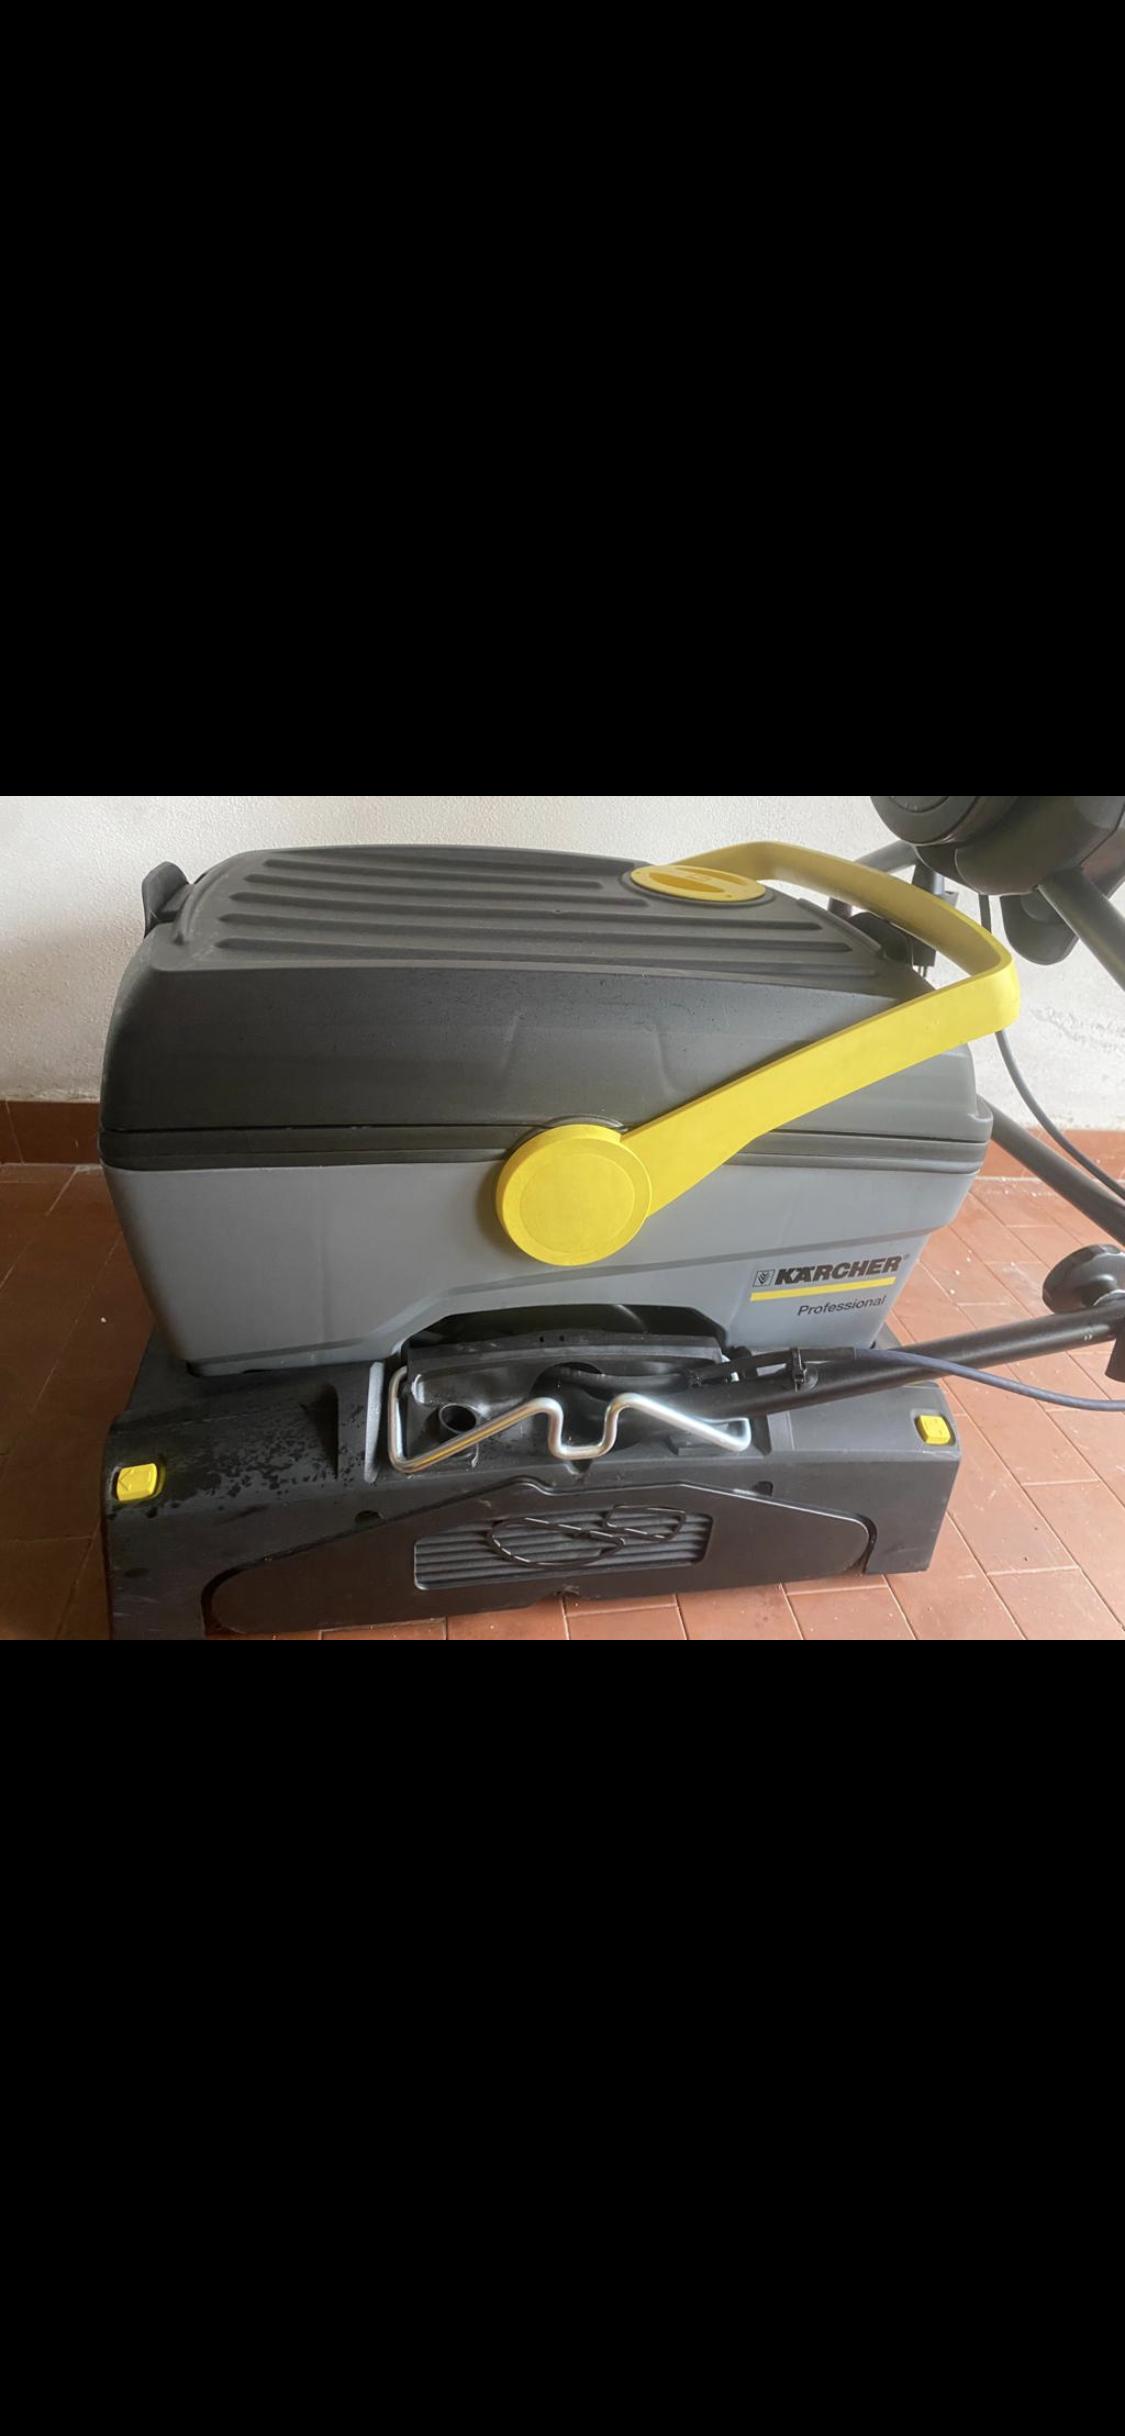 Lavasciuga pavimenti professionale  in vendita - foto 2